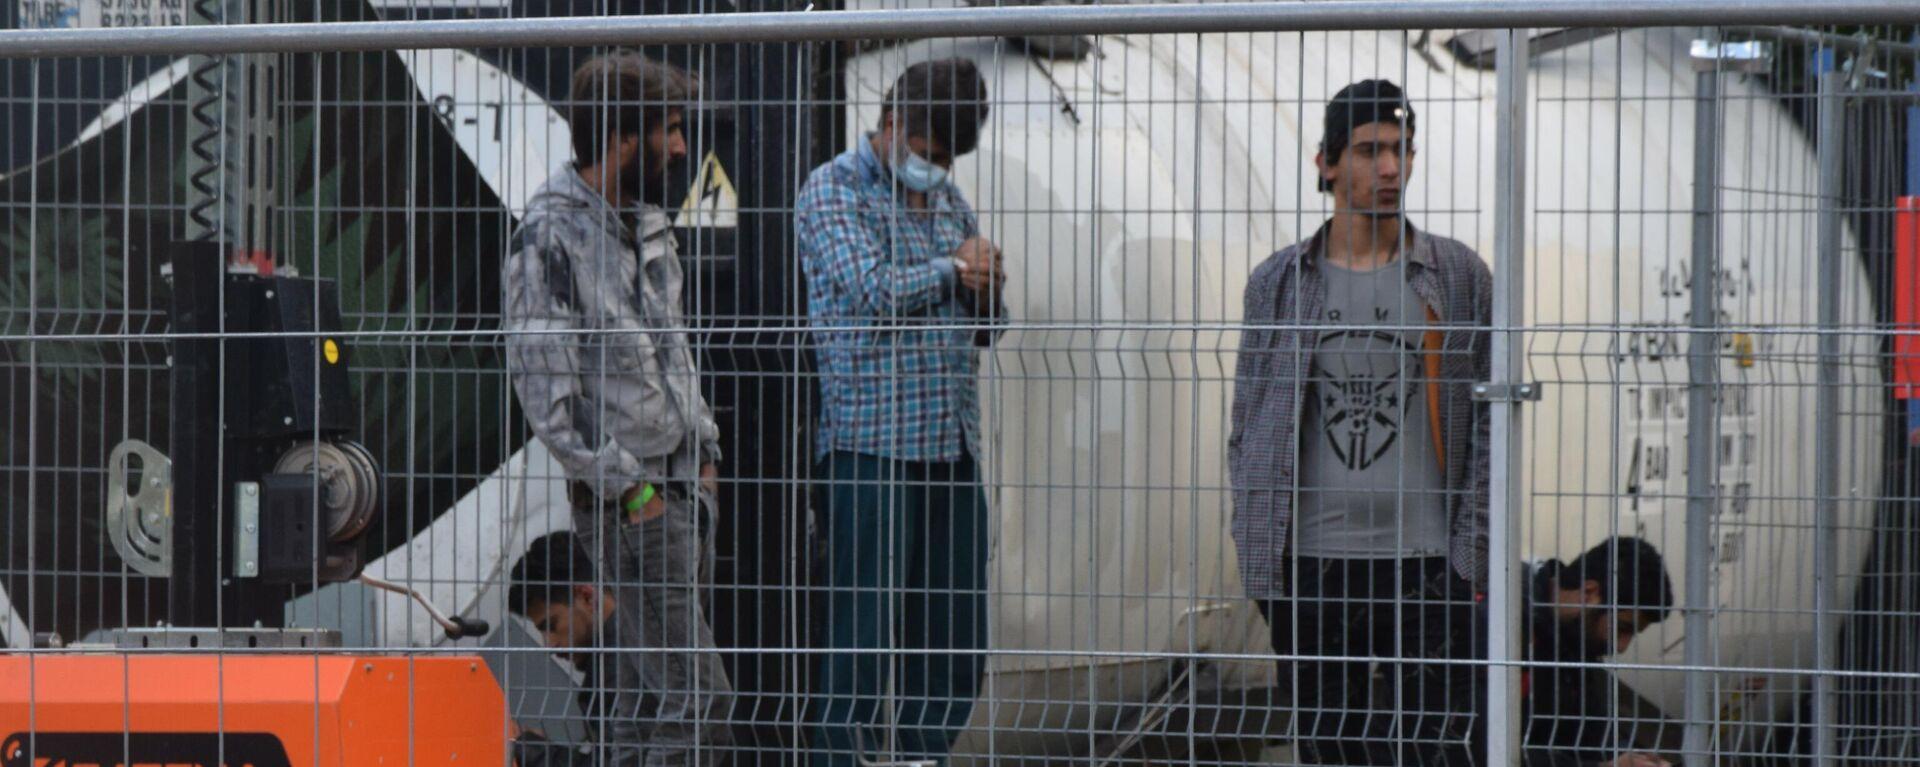 Нелегальные мигранты в лагере на границе Литвы и Белоруссии - Sputnik Латвия, 1920, 31.08.2021